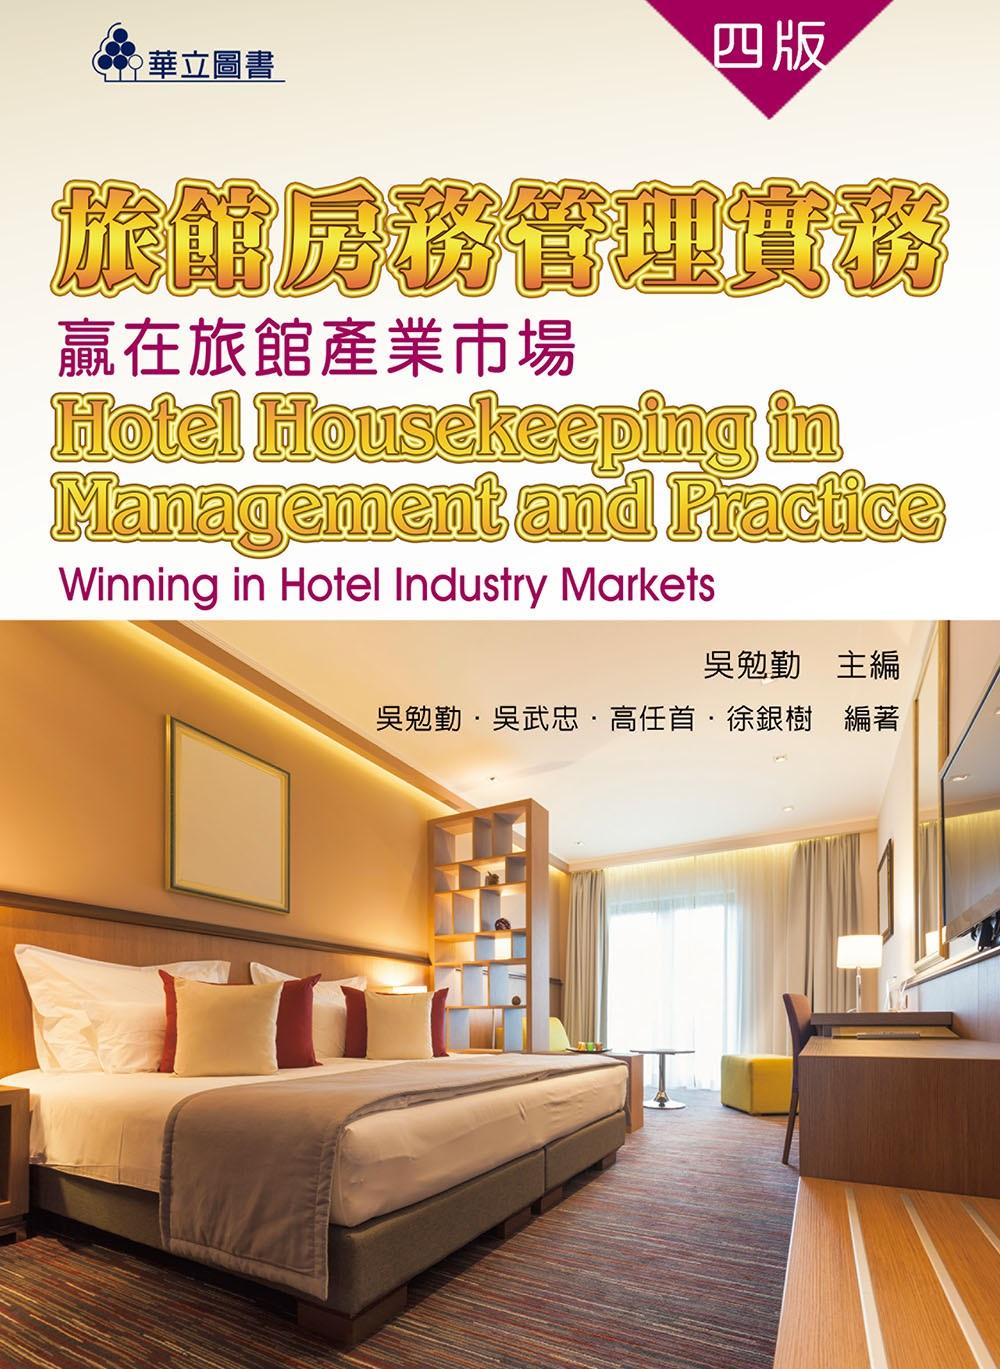 旅館房務管理實務:贏在旅館產業市場(四版)